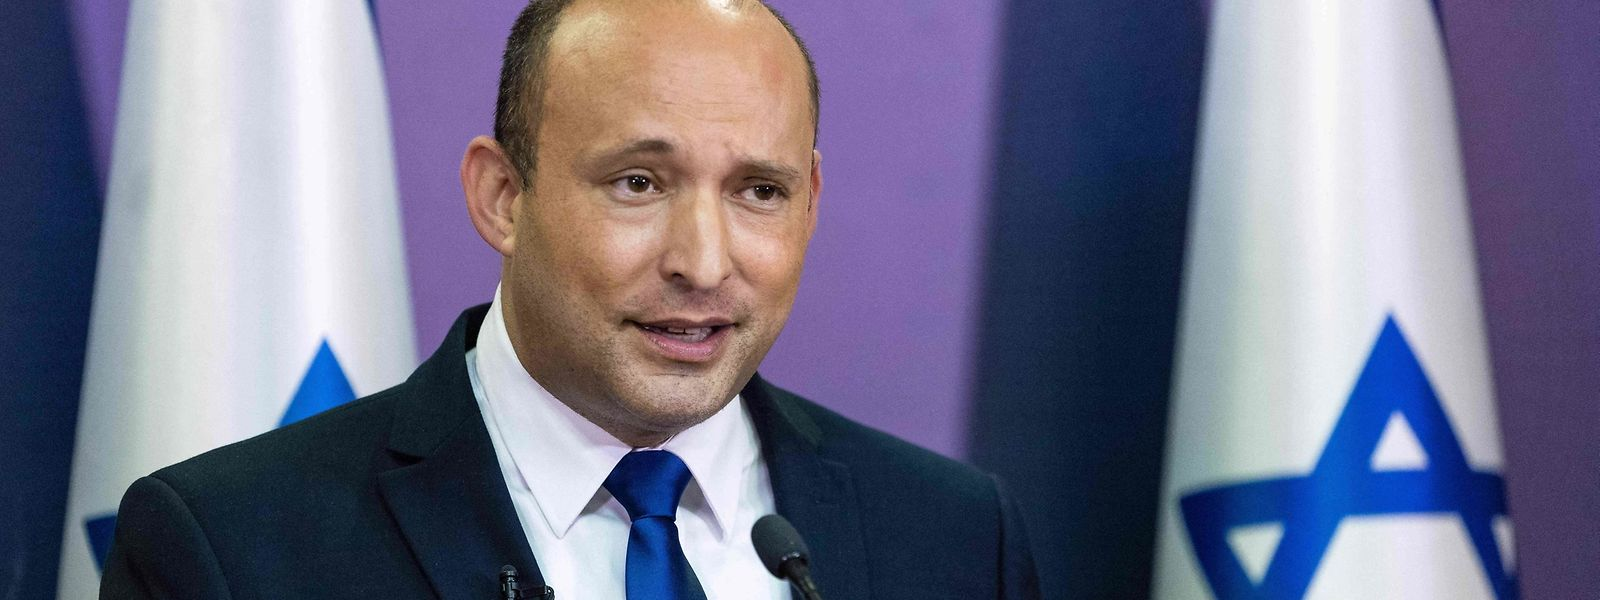 Naftali Bennett hat gute Chancen, nächster Regierungschef in Israel zu werden.